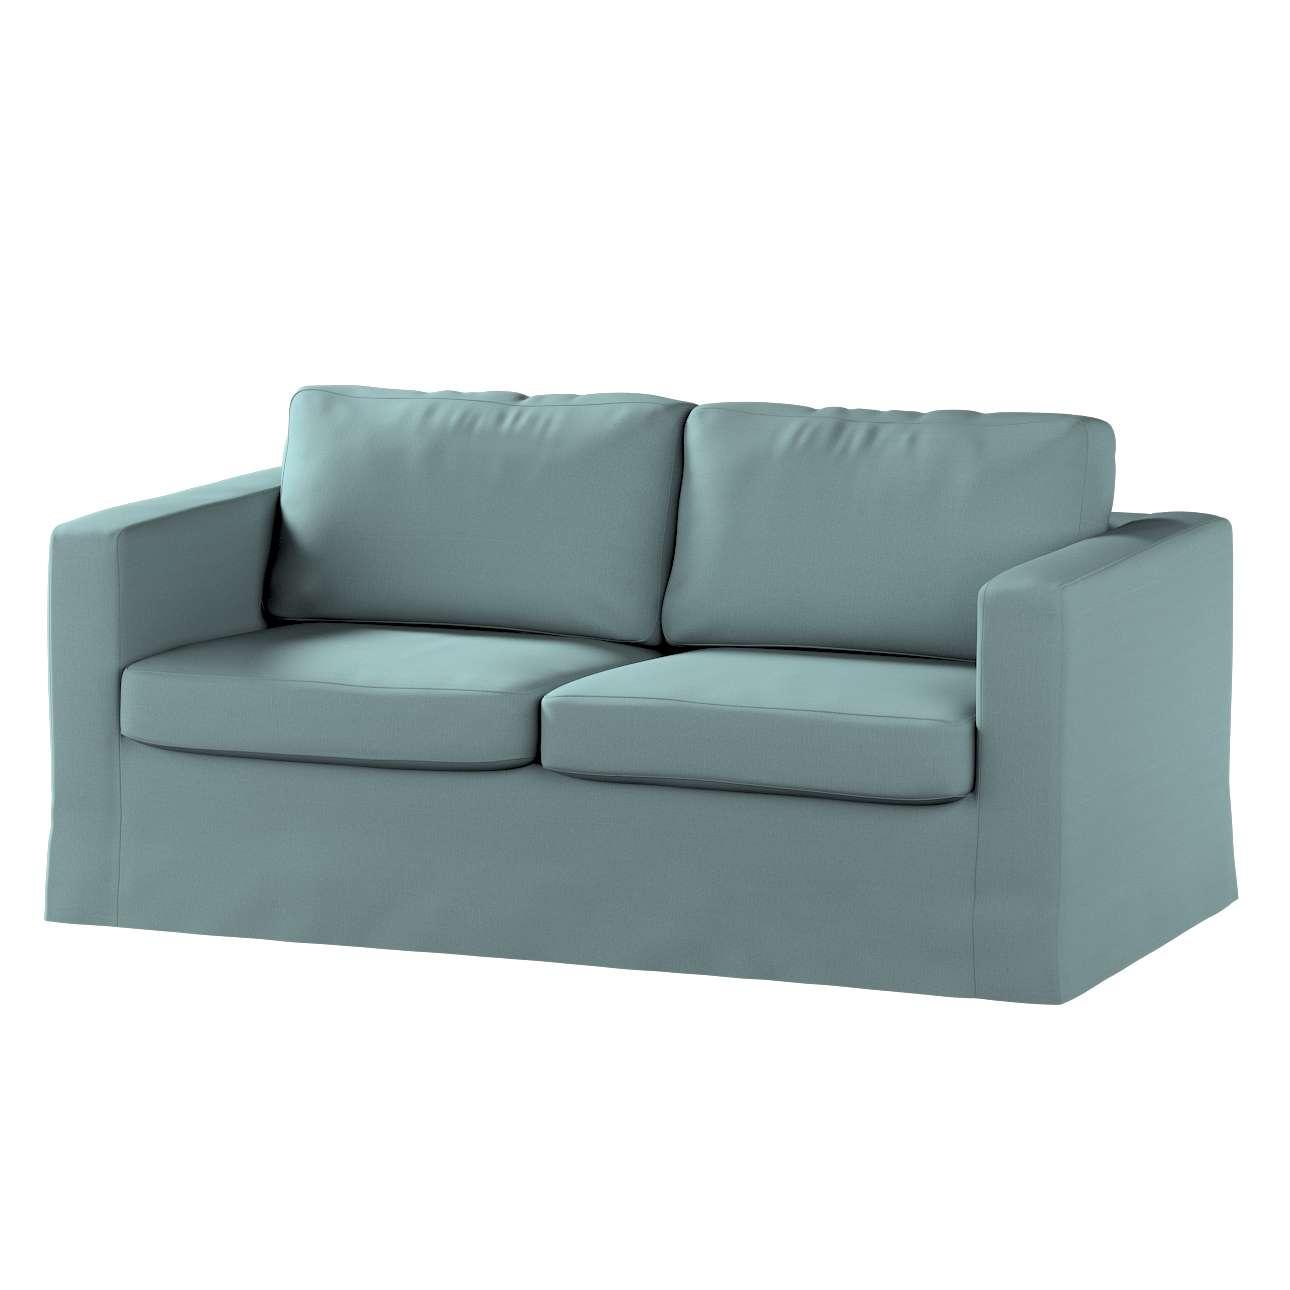 Pokrowiec na sofę Karlstad 2-osobową nierozkładaną długi w kolekcji Cotton Panama, tkanina: 702-40